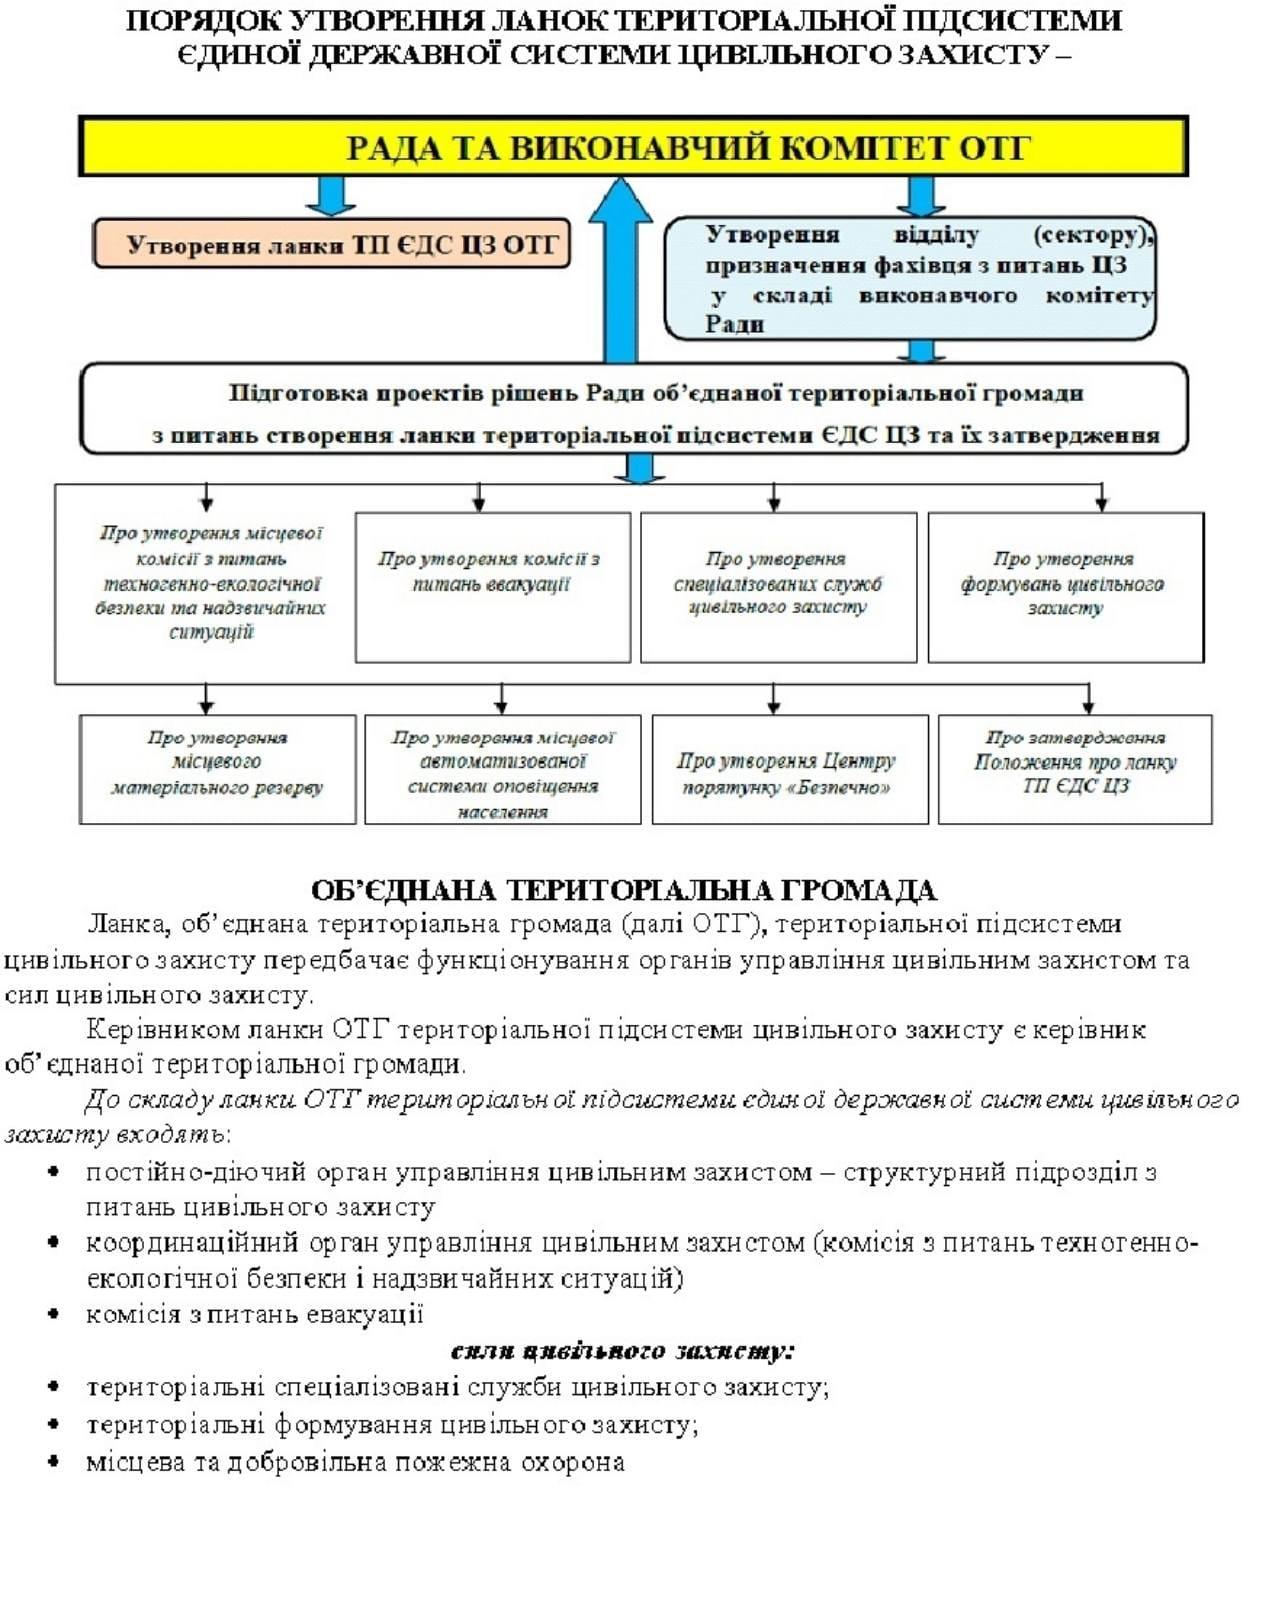 Городоцький РВ ГУ ДСНС України у Львівській області інформує